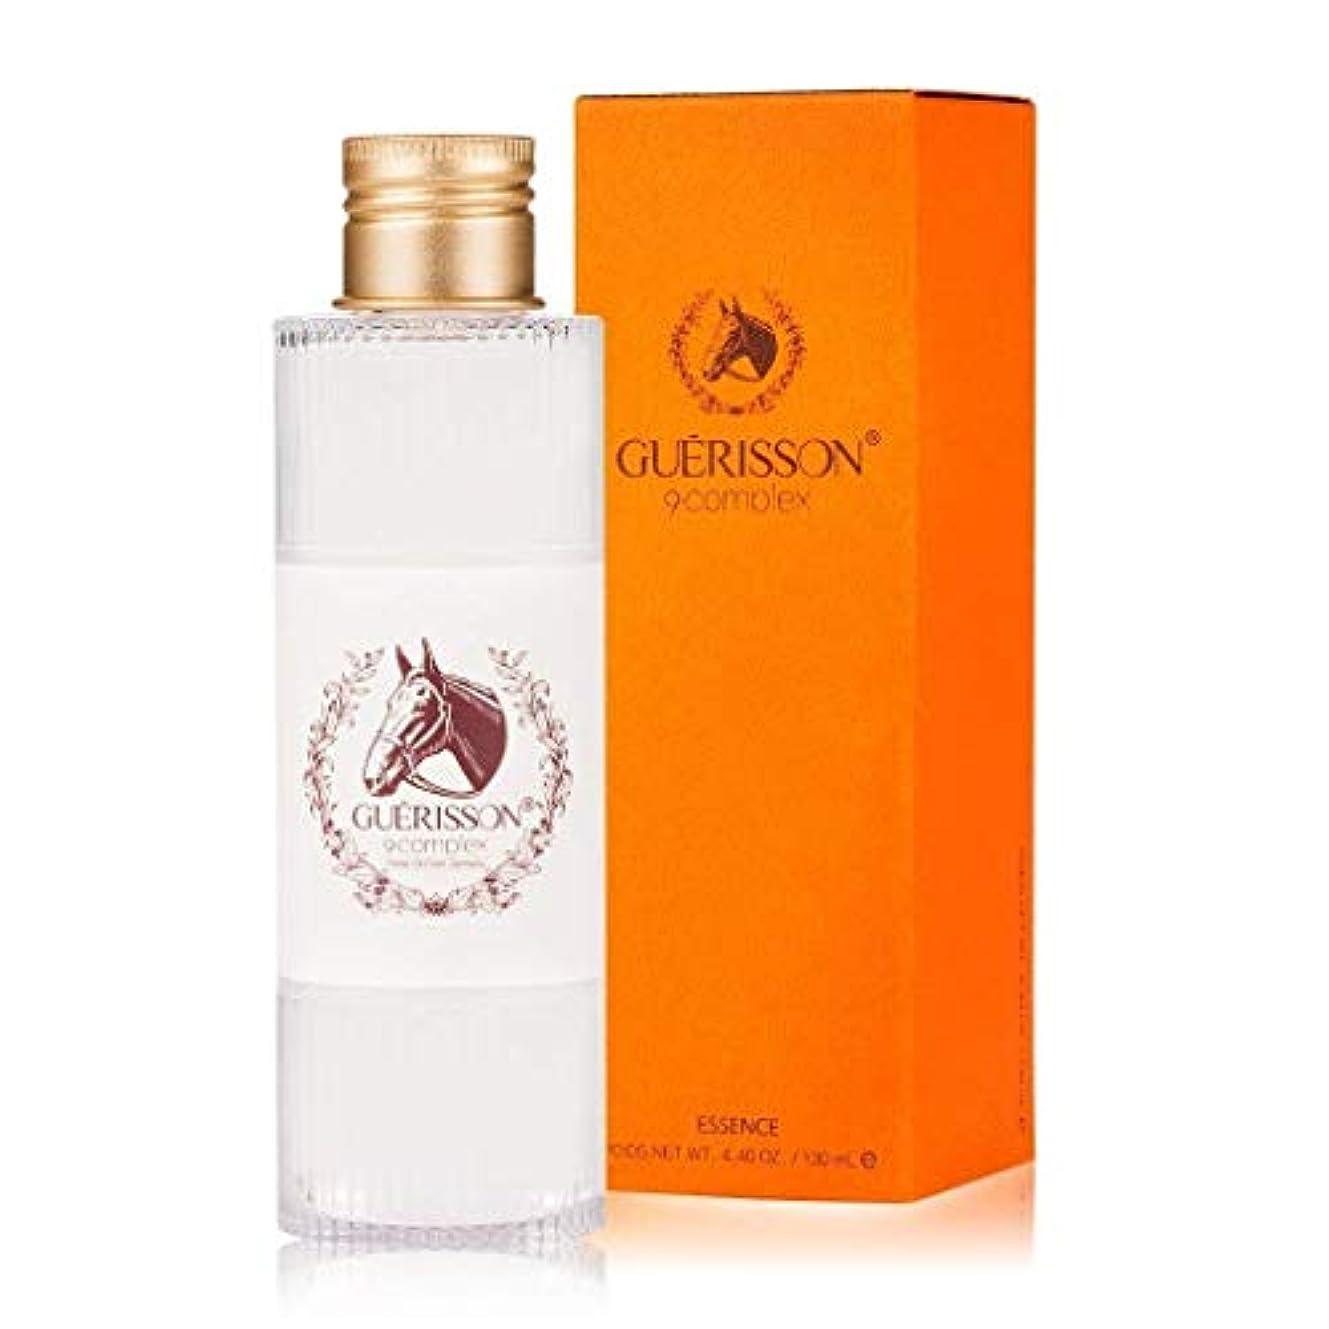 自然公園言い聞かせるオーケストラGuerisson 9 Complex Horse Oil Essence (Moisturizing Serum) 130ml(2019 Ver. Up)/Korea Cosmetics